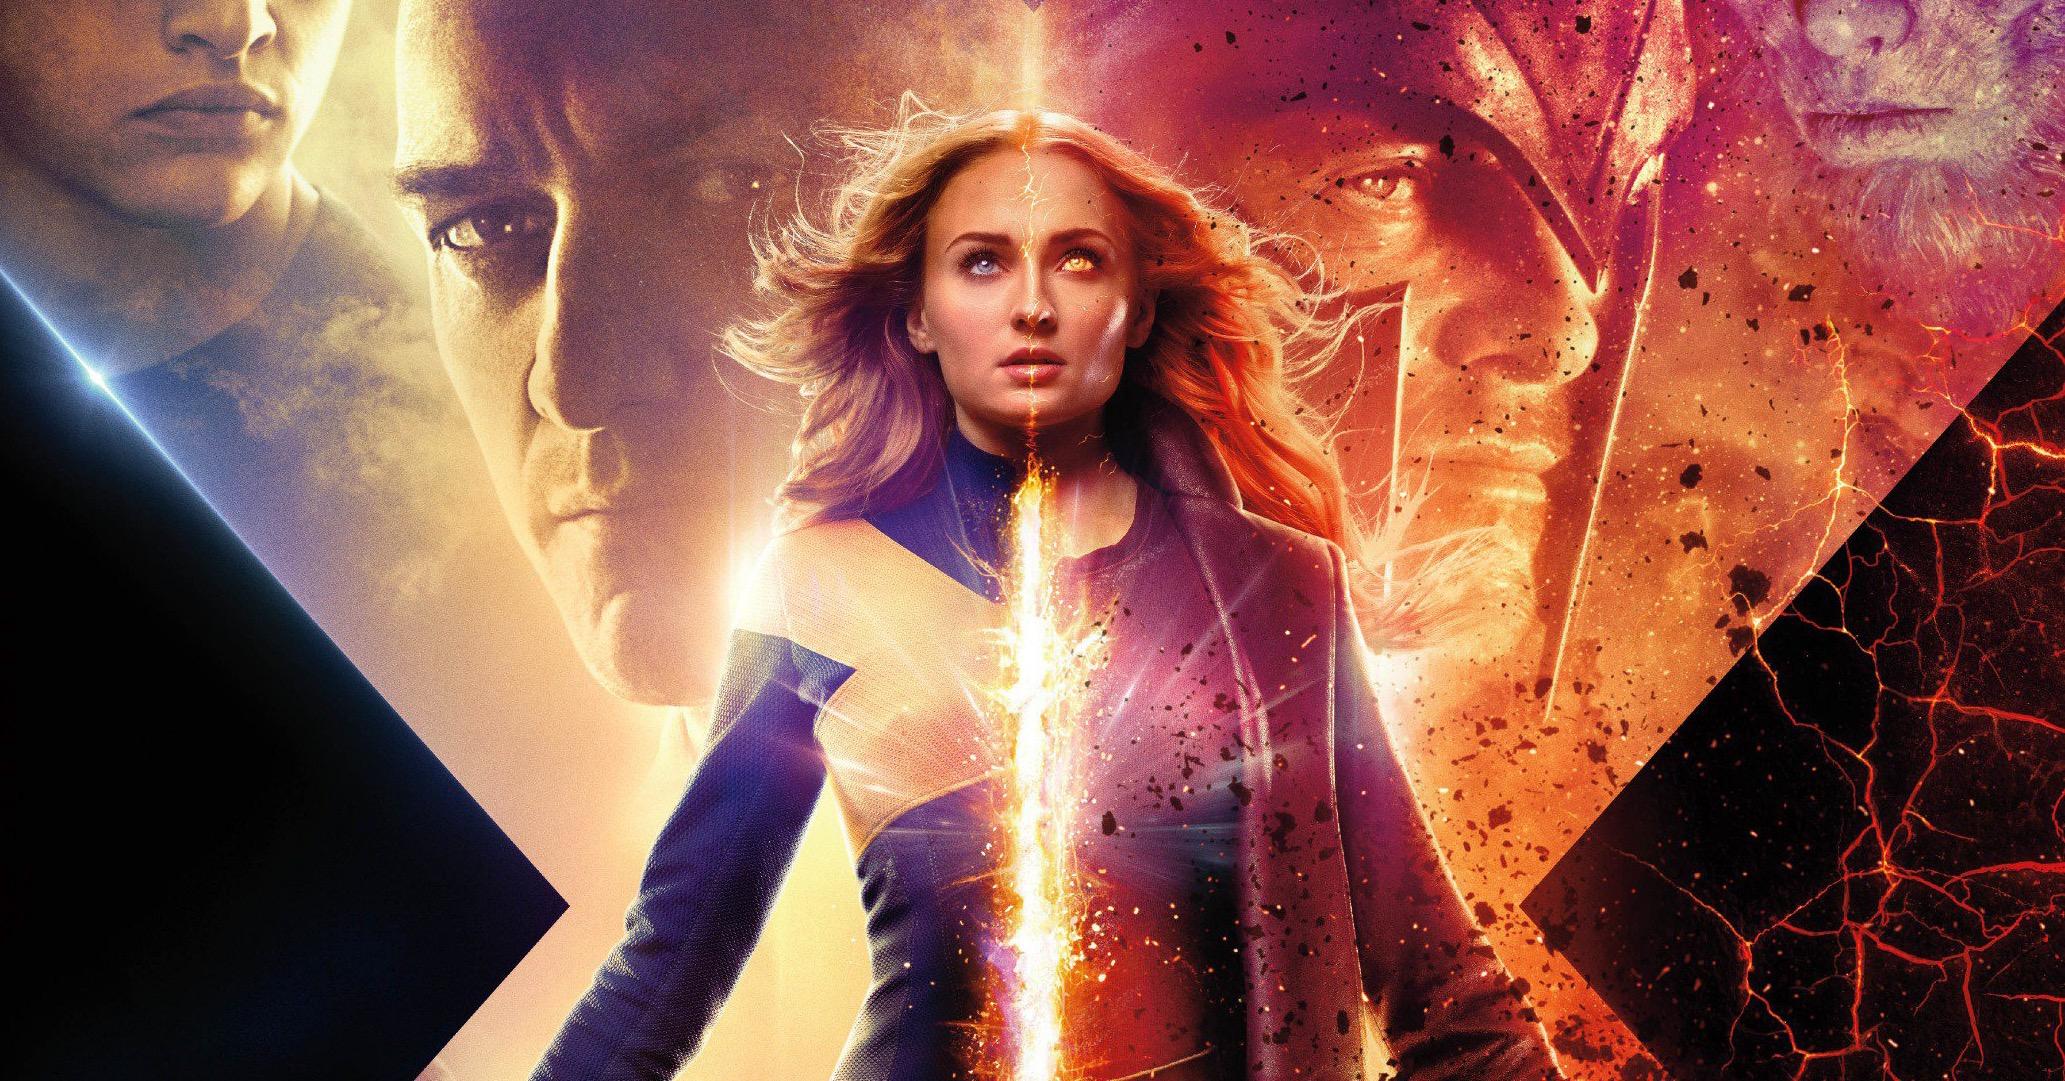 Speciale X-men: Dark Phoenix